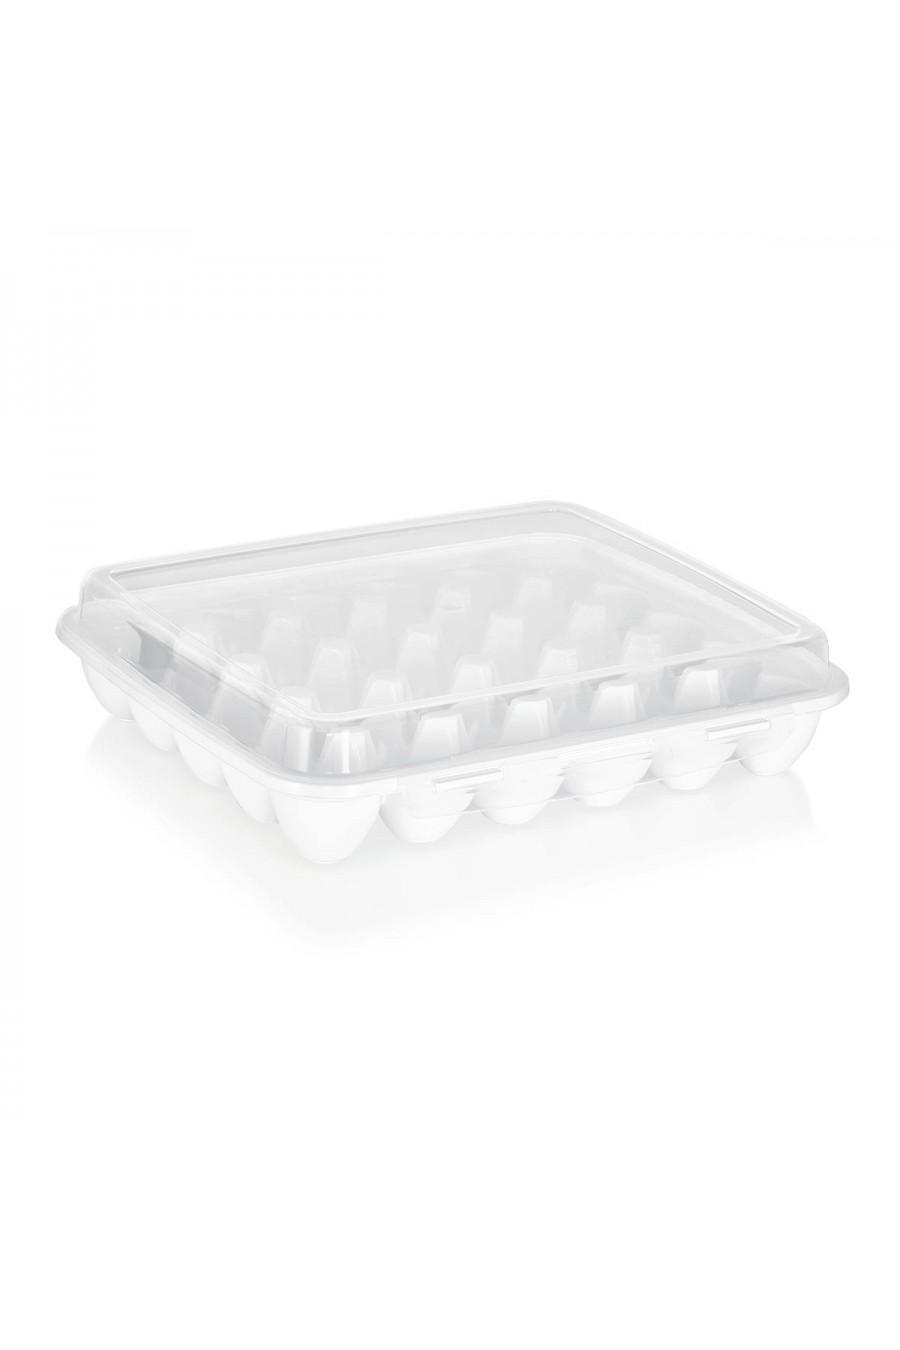 PlastArt Kilit Kapaklı Yumurtalık | 30'lu